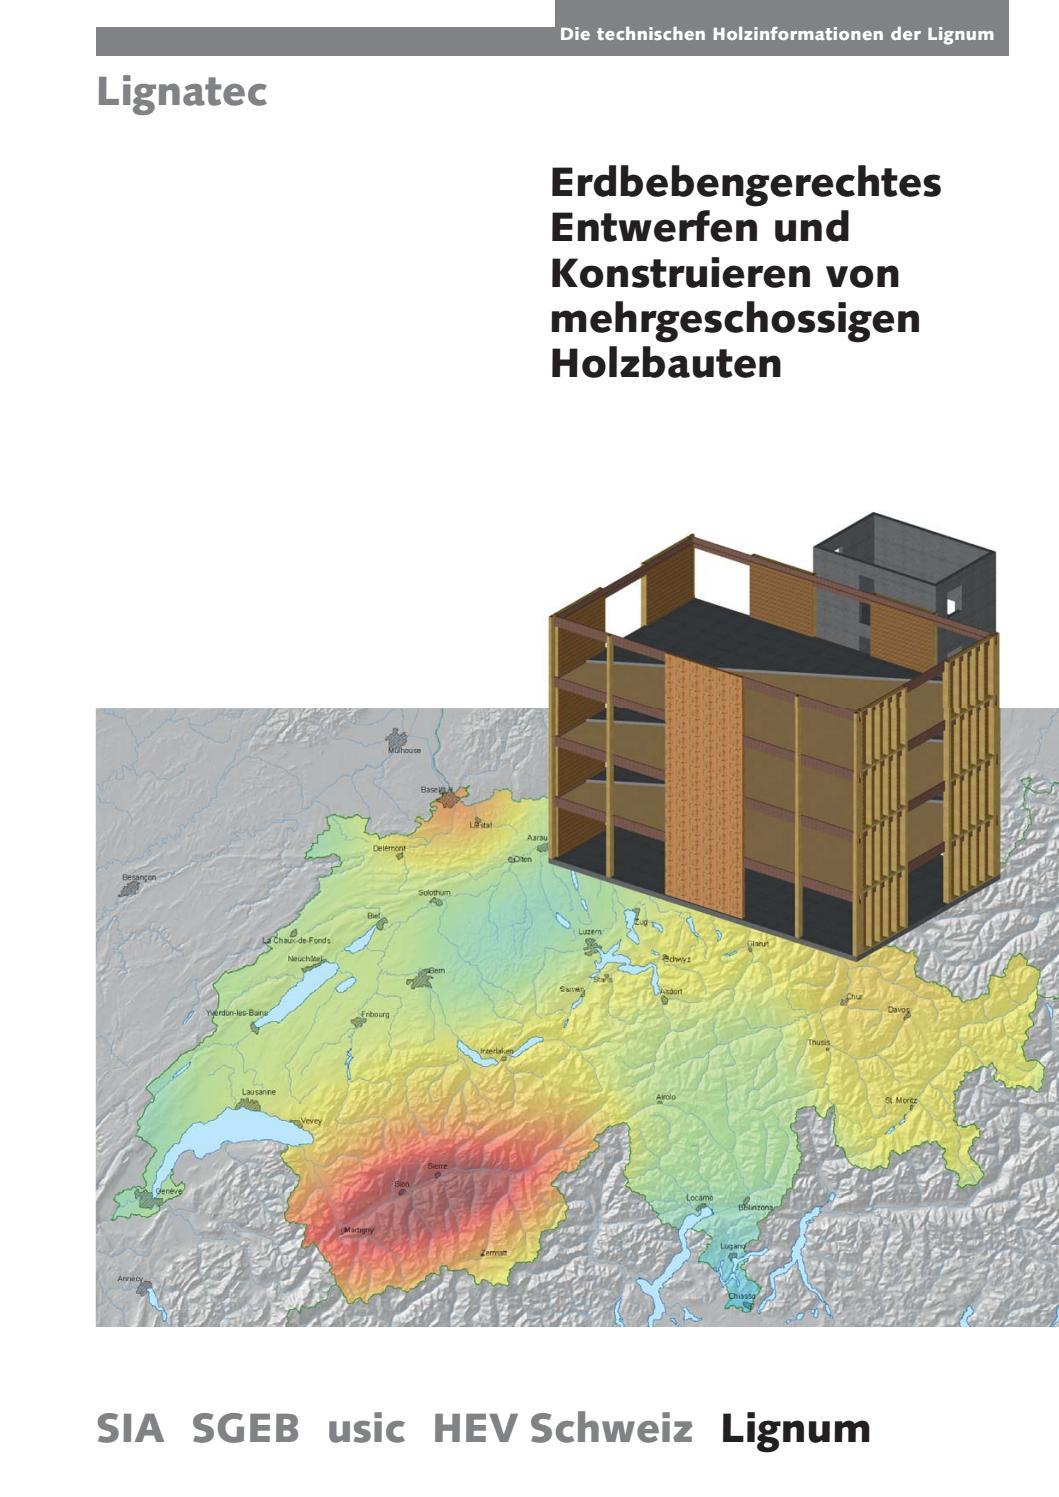 Erdbebengerechtes Entwerfen und Konstruieren mehrgeschossiger ...